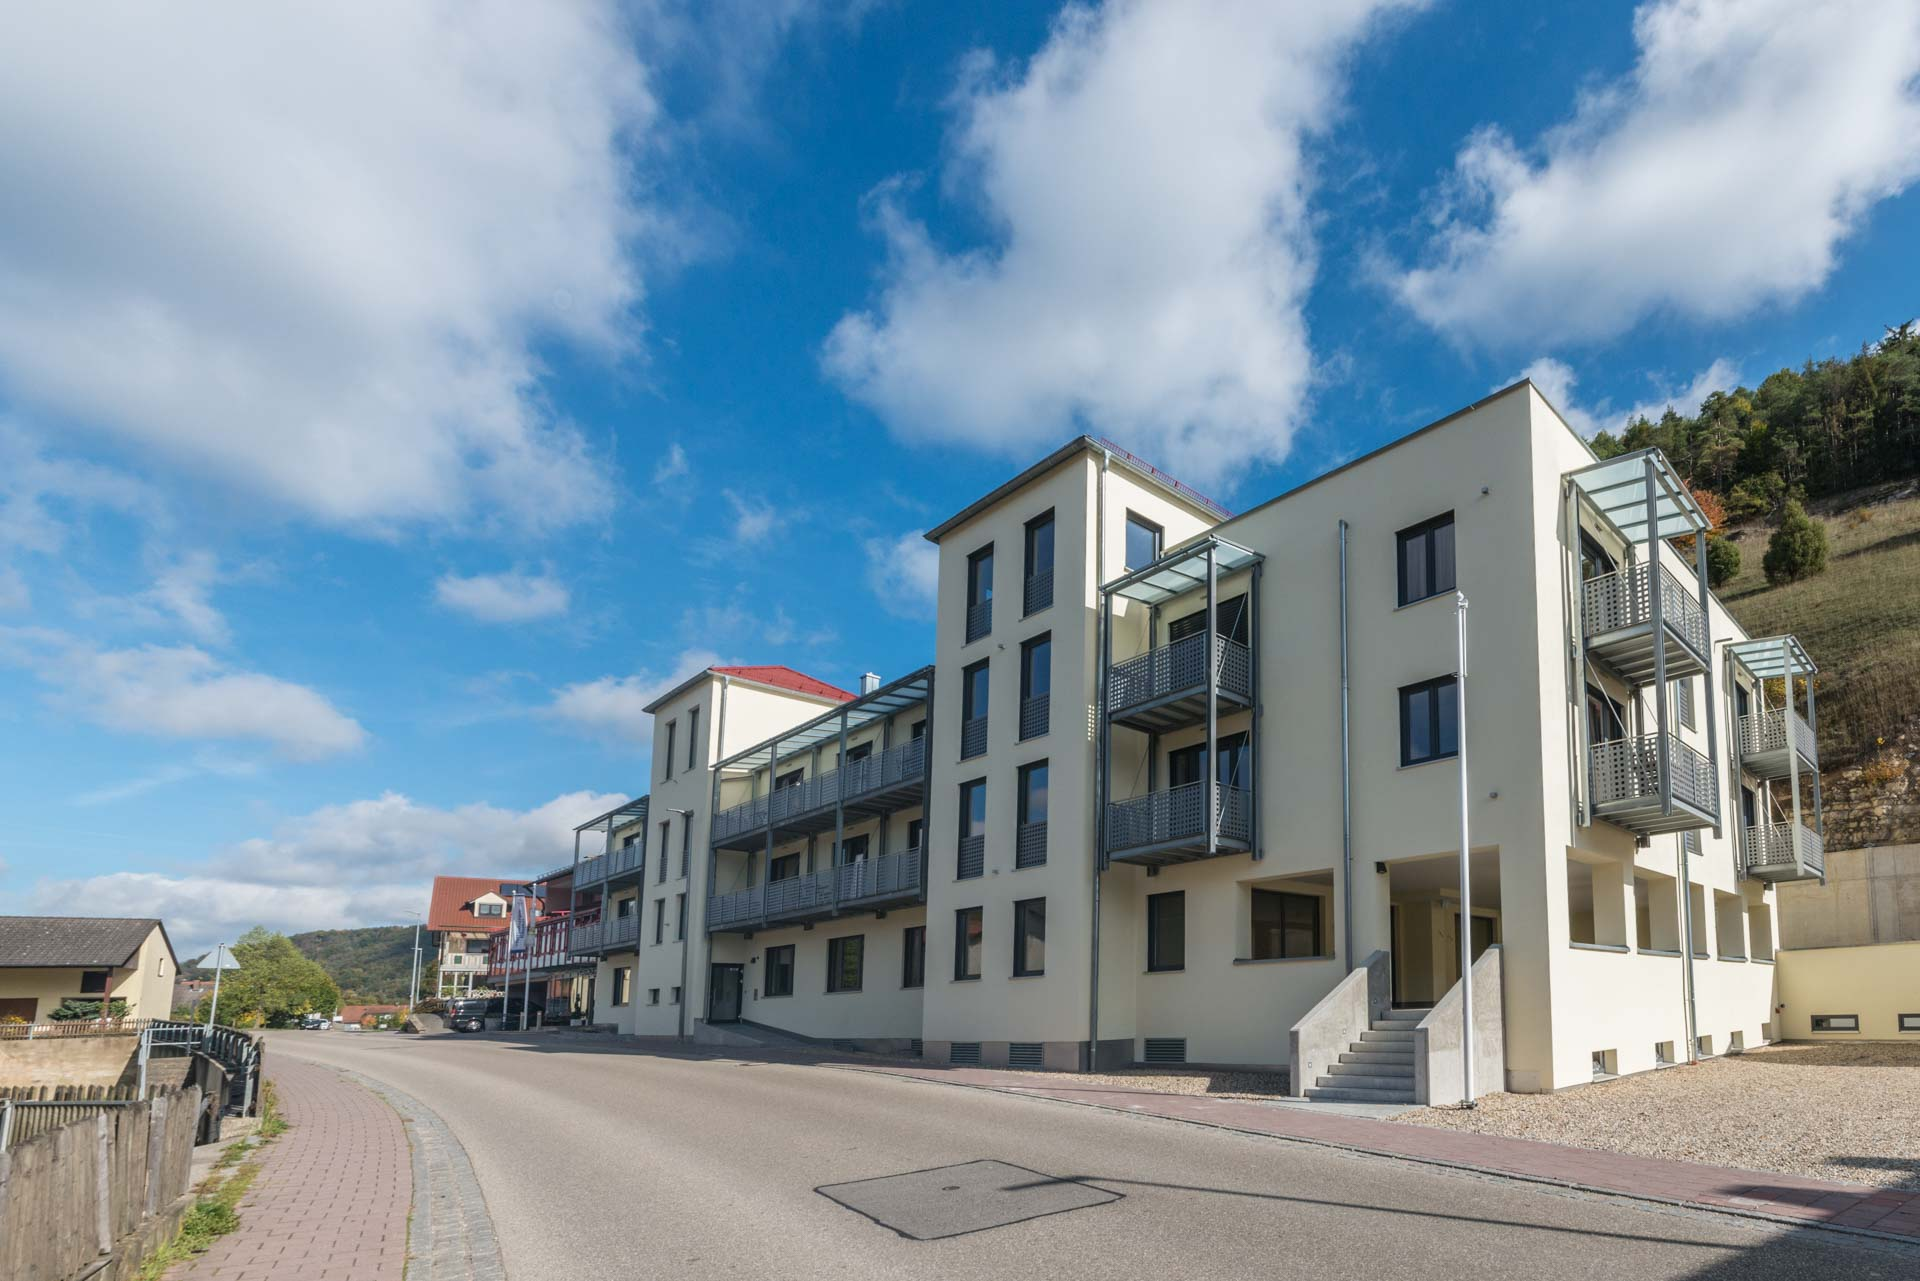 Das Hotel Heckl in Enkerling